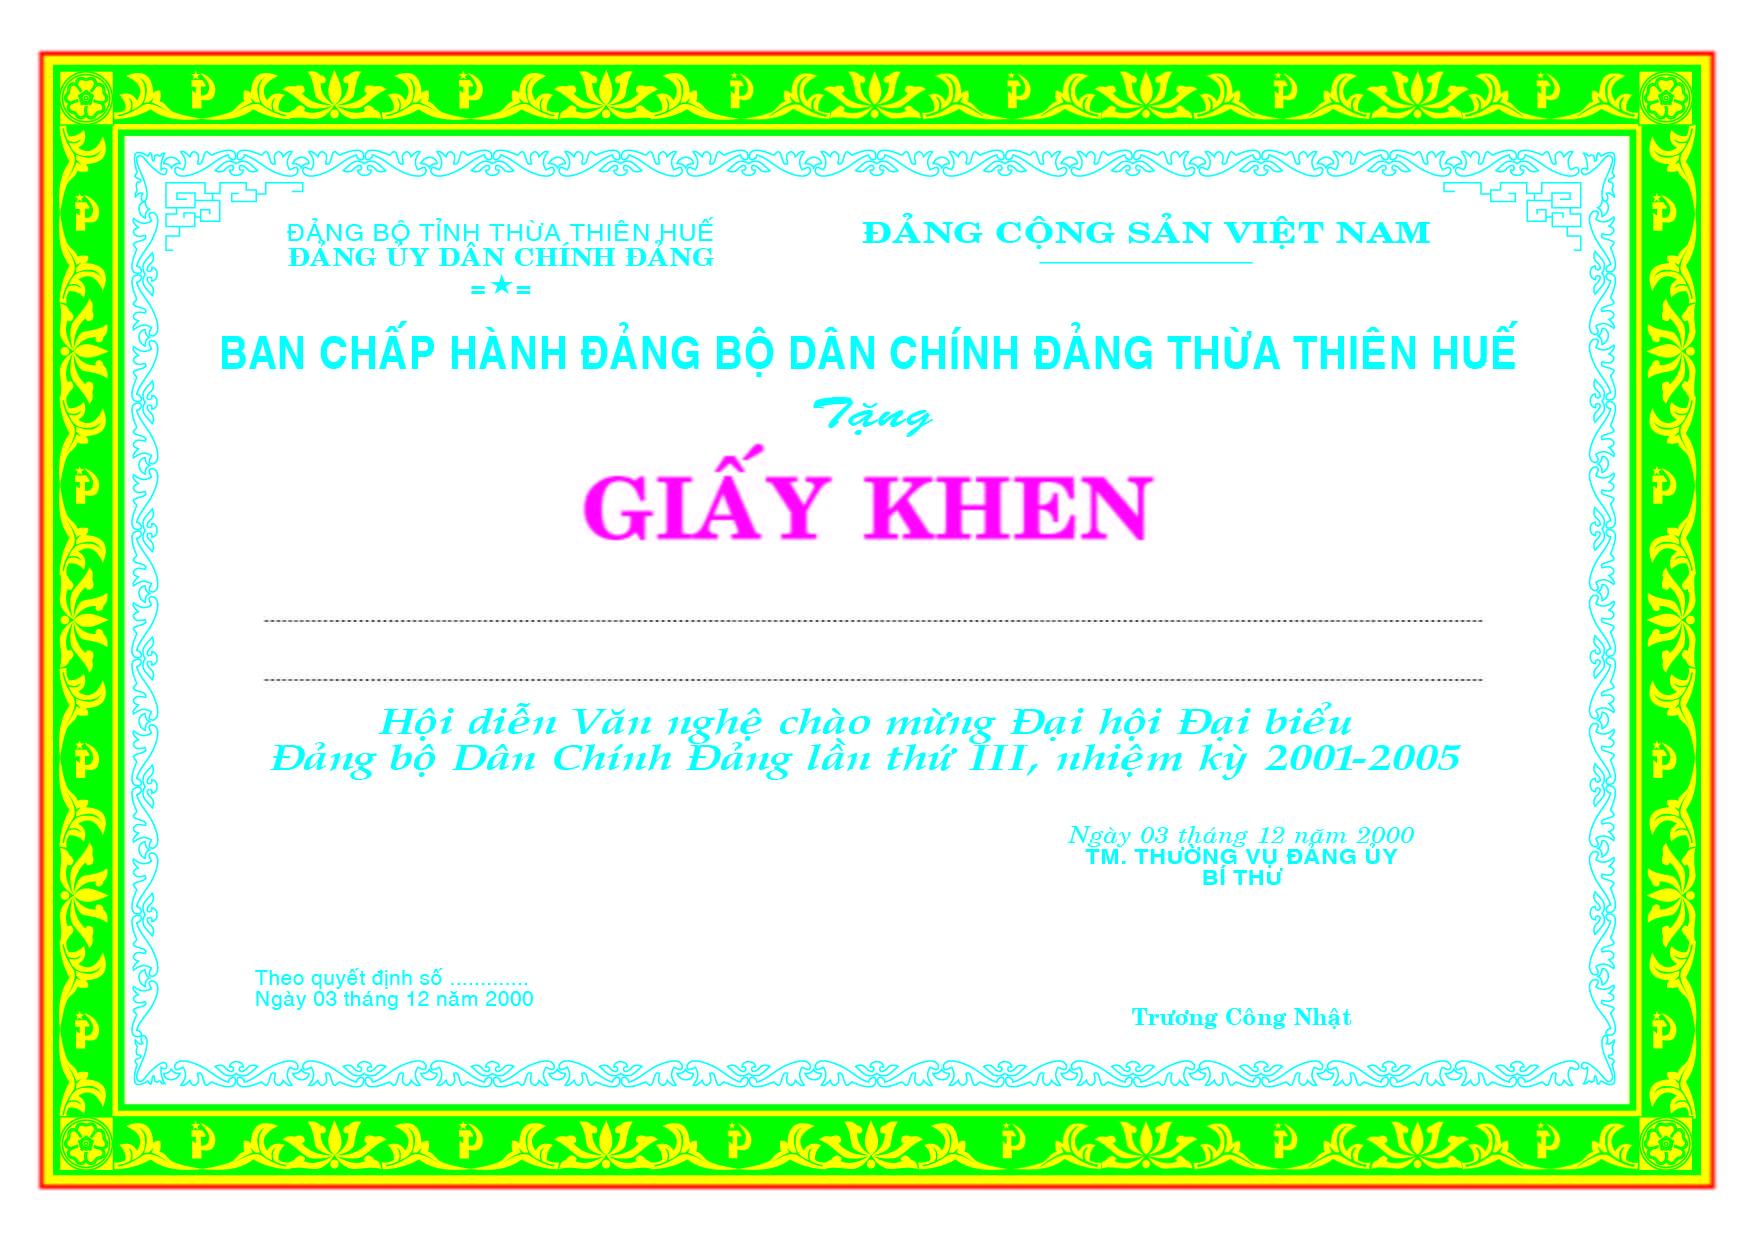 Mẫu giấy khen 012 - mẫu giấy khen Ban Chấp Hành - Link Download : https://adsnew.net/vKZ4qR